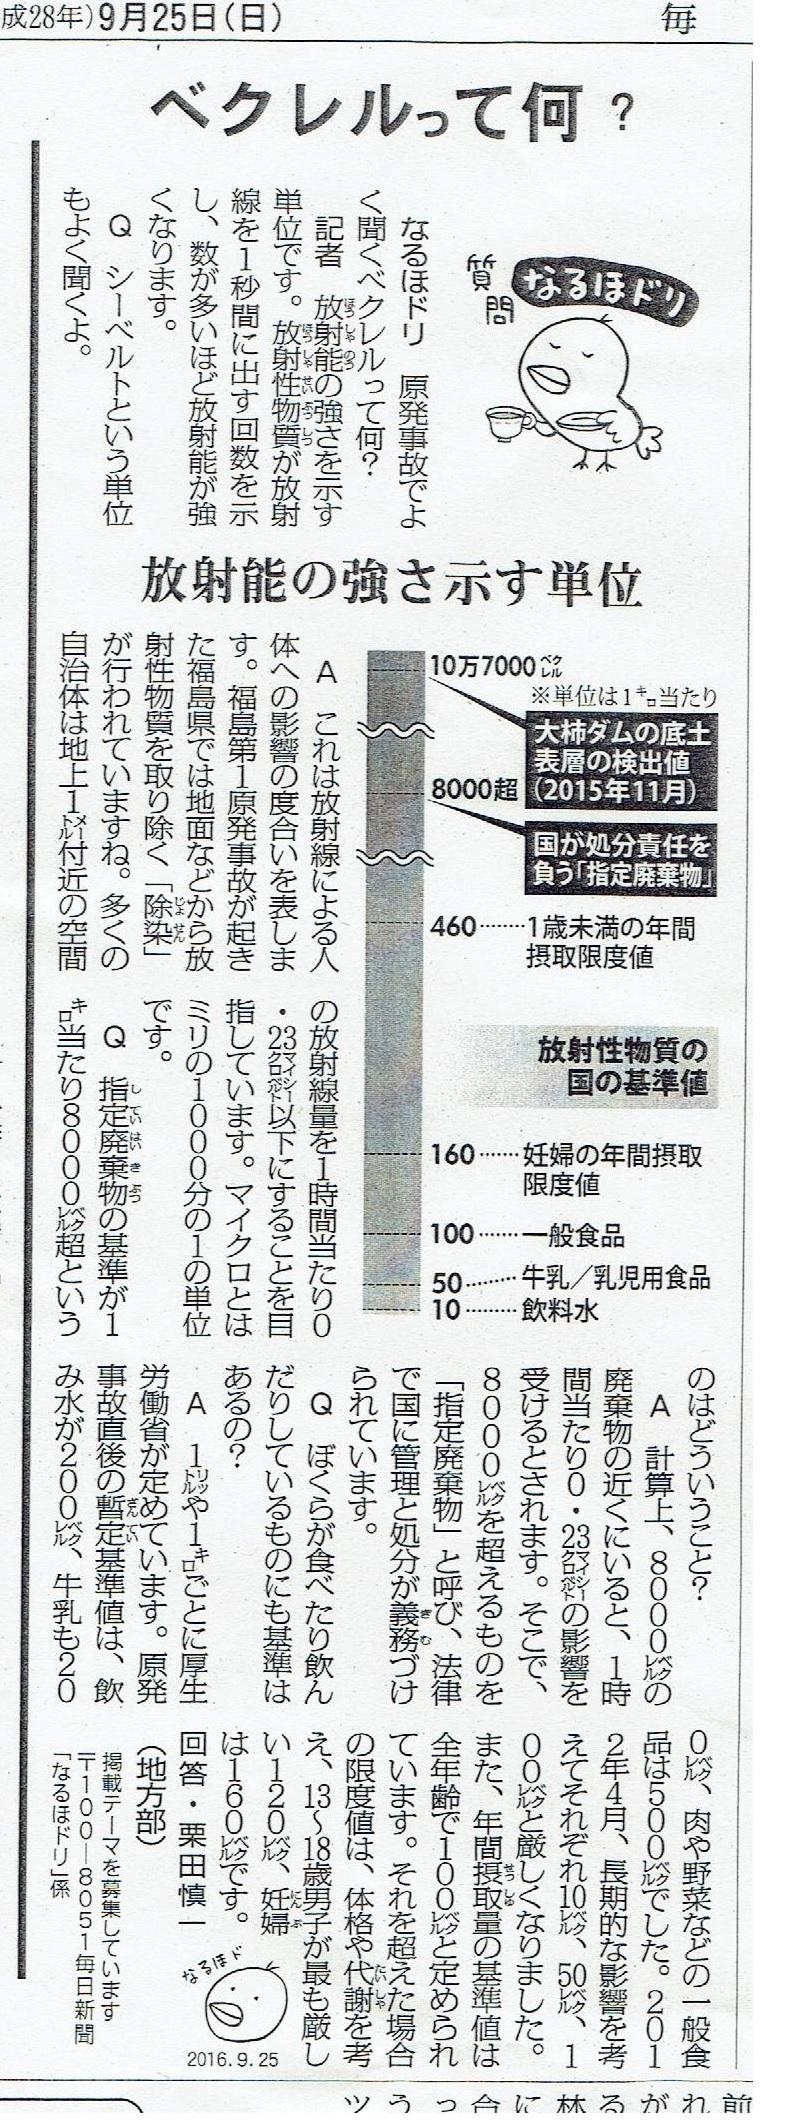 mainichi16092503bq.jpg